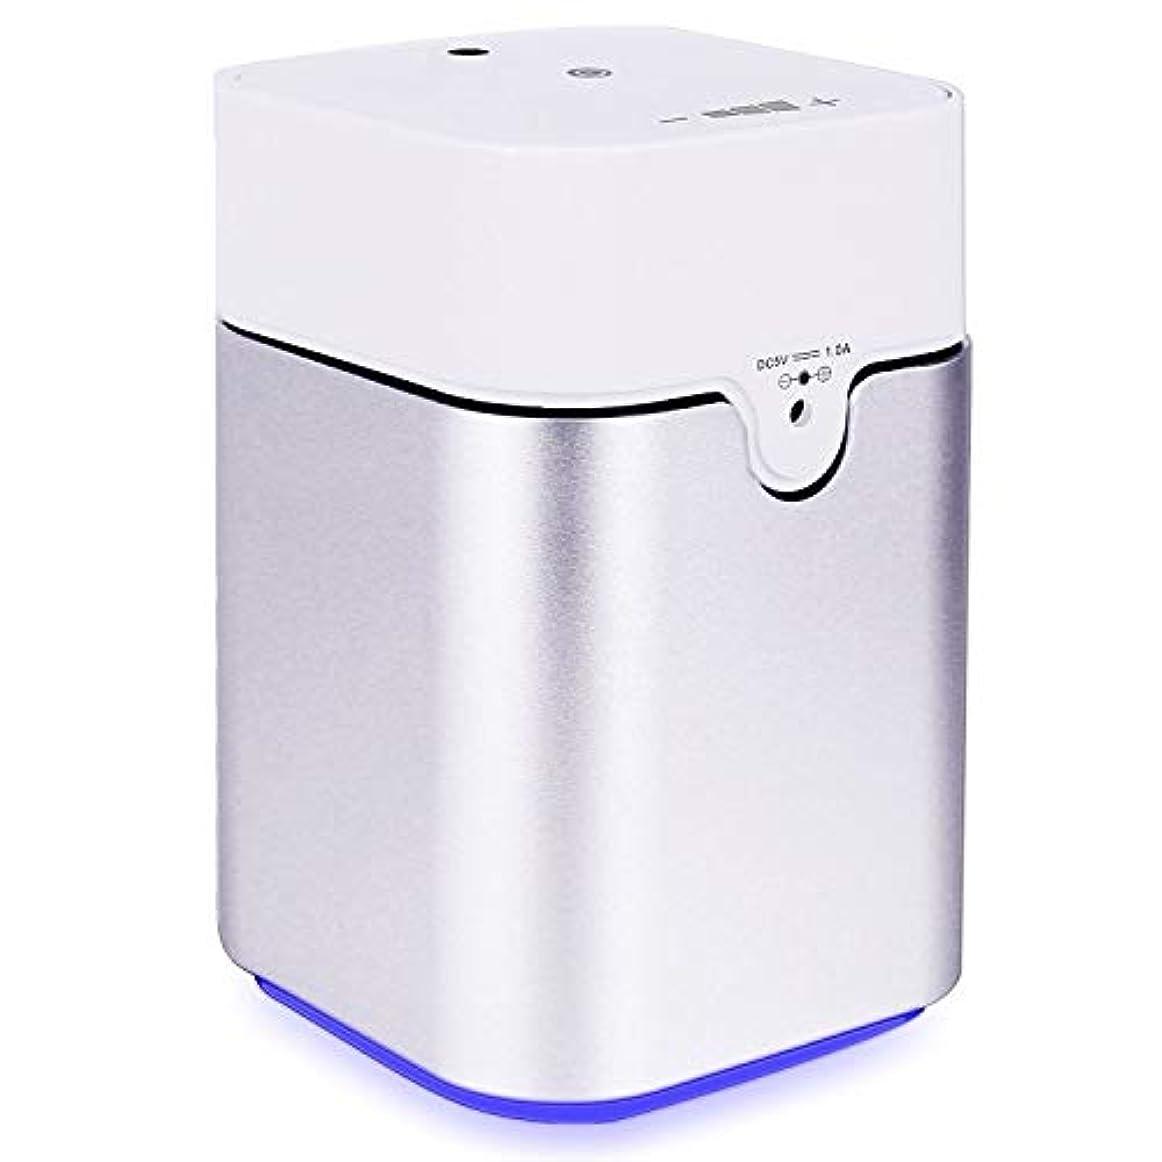 簡略化するライバルエスカレートENERG e's Pure アロマディフューザー ヨガ室 整体院人気 タイマー機能 ネブライザー式 量調整可能 精油瓶3個付き T11-ENS082